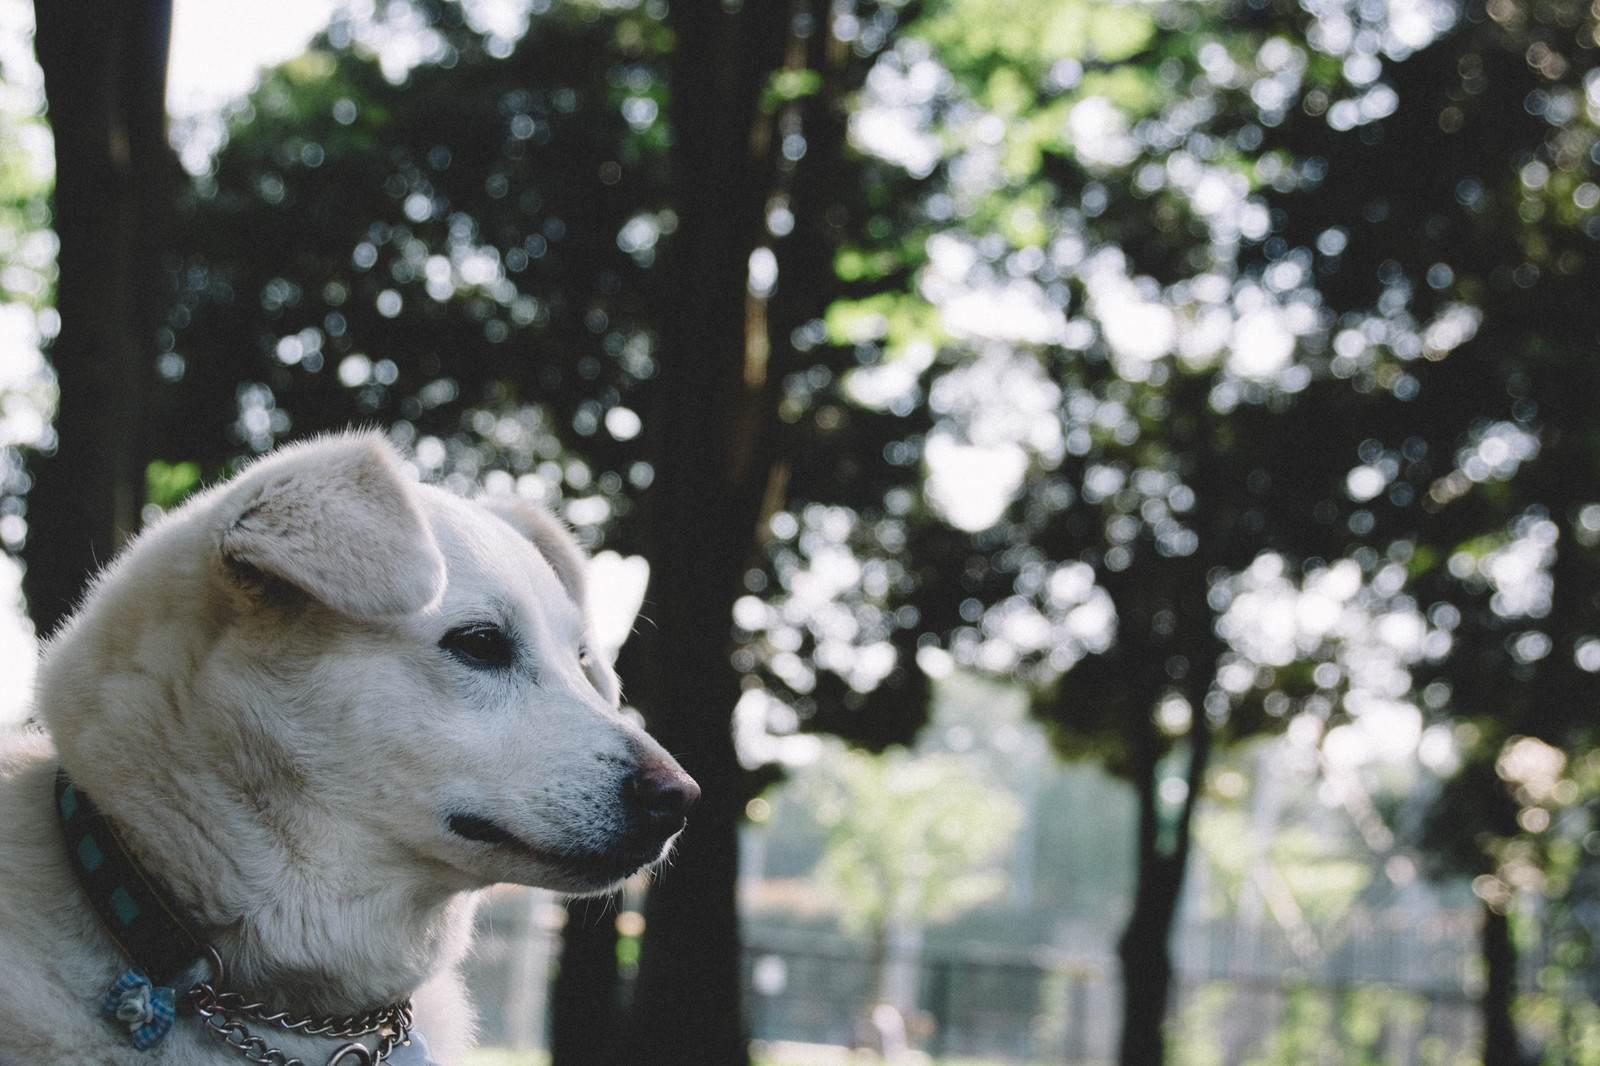 心霊ちょっといい話『心配する愛犬』など短編全10話